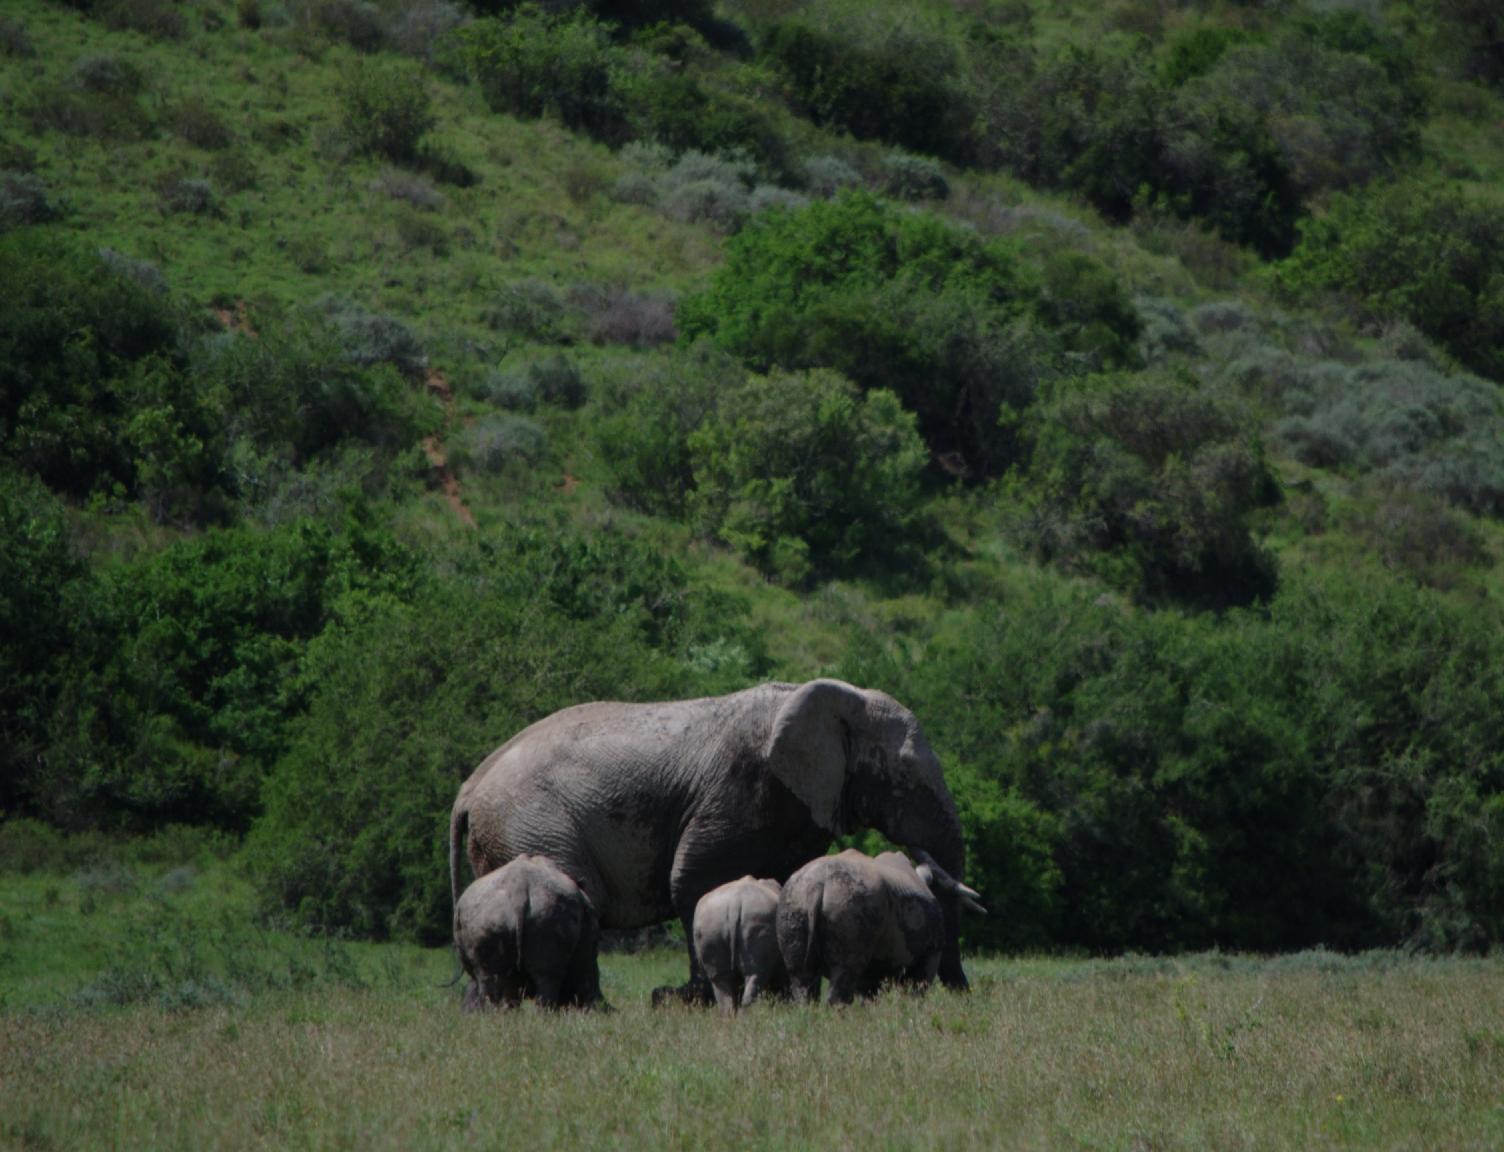 A rare encounter: rhino with elephant